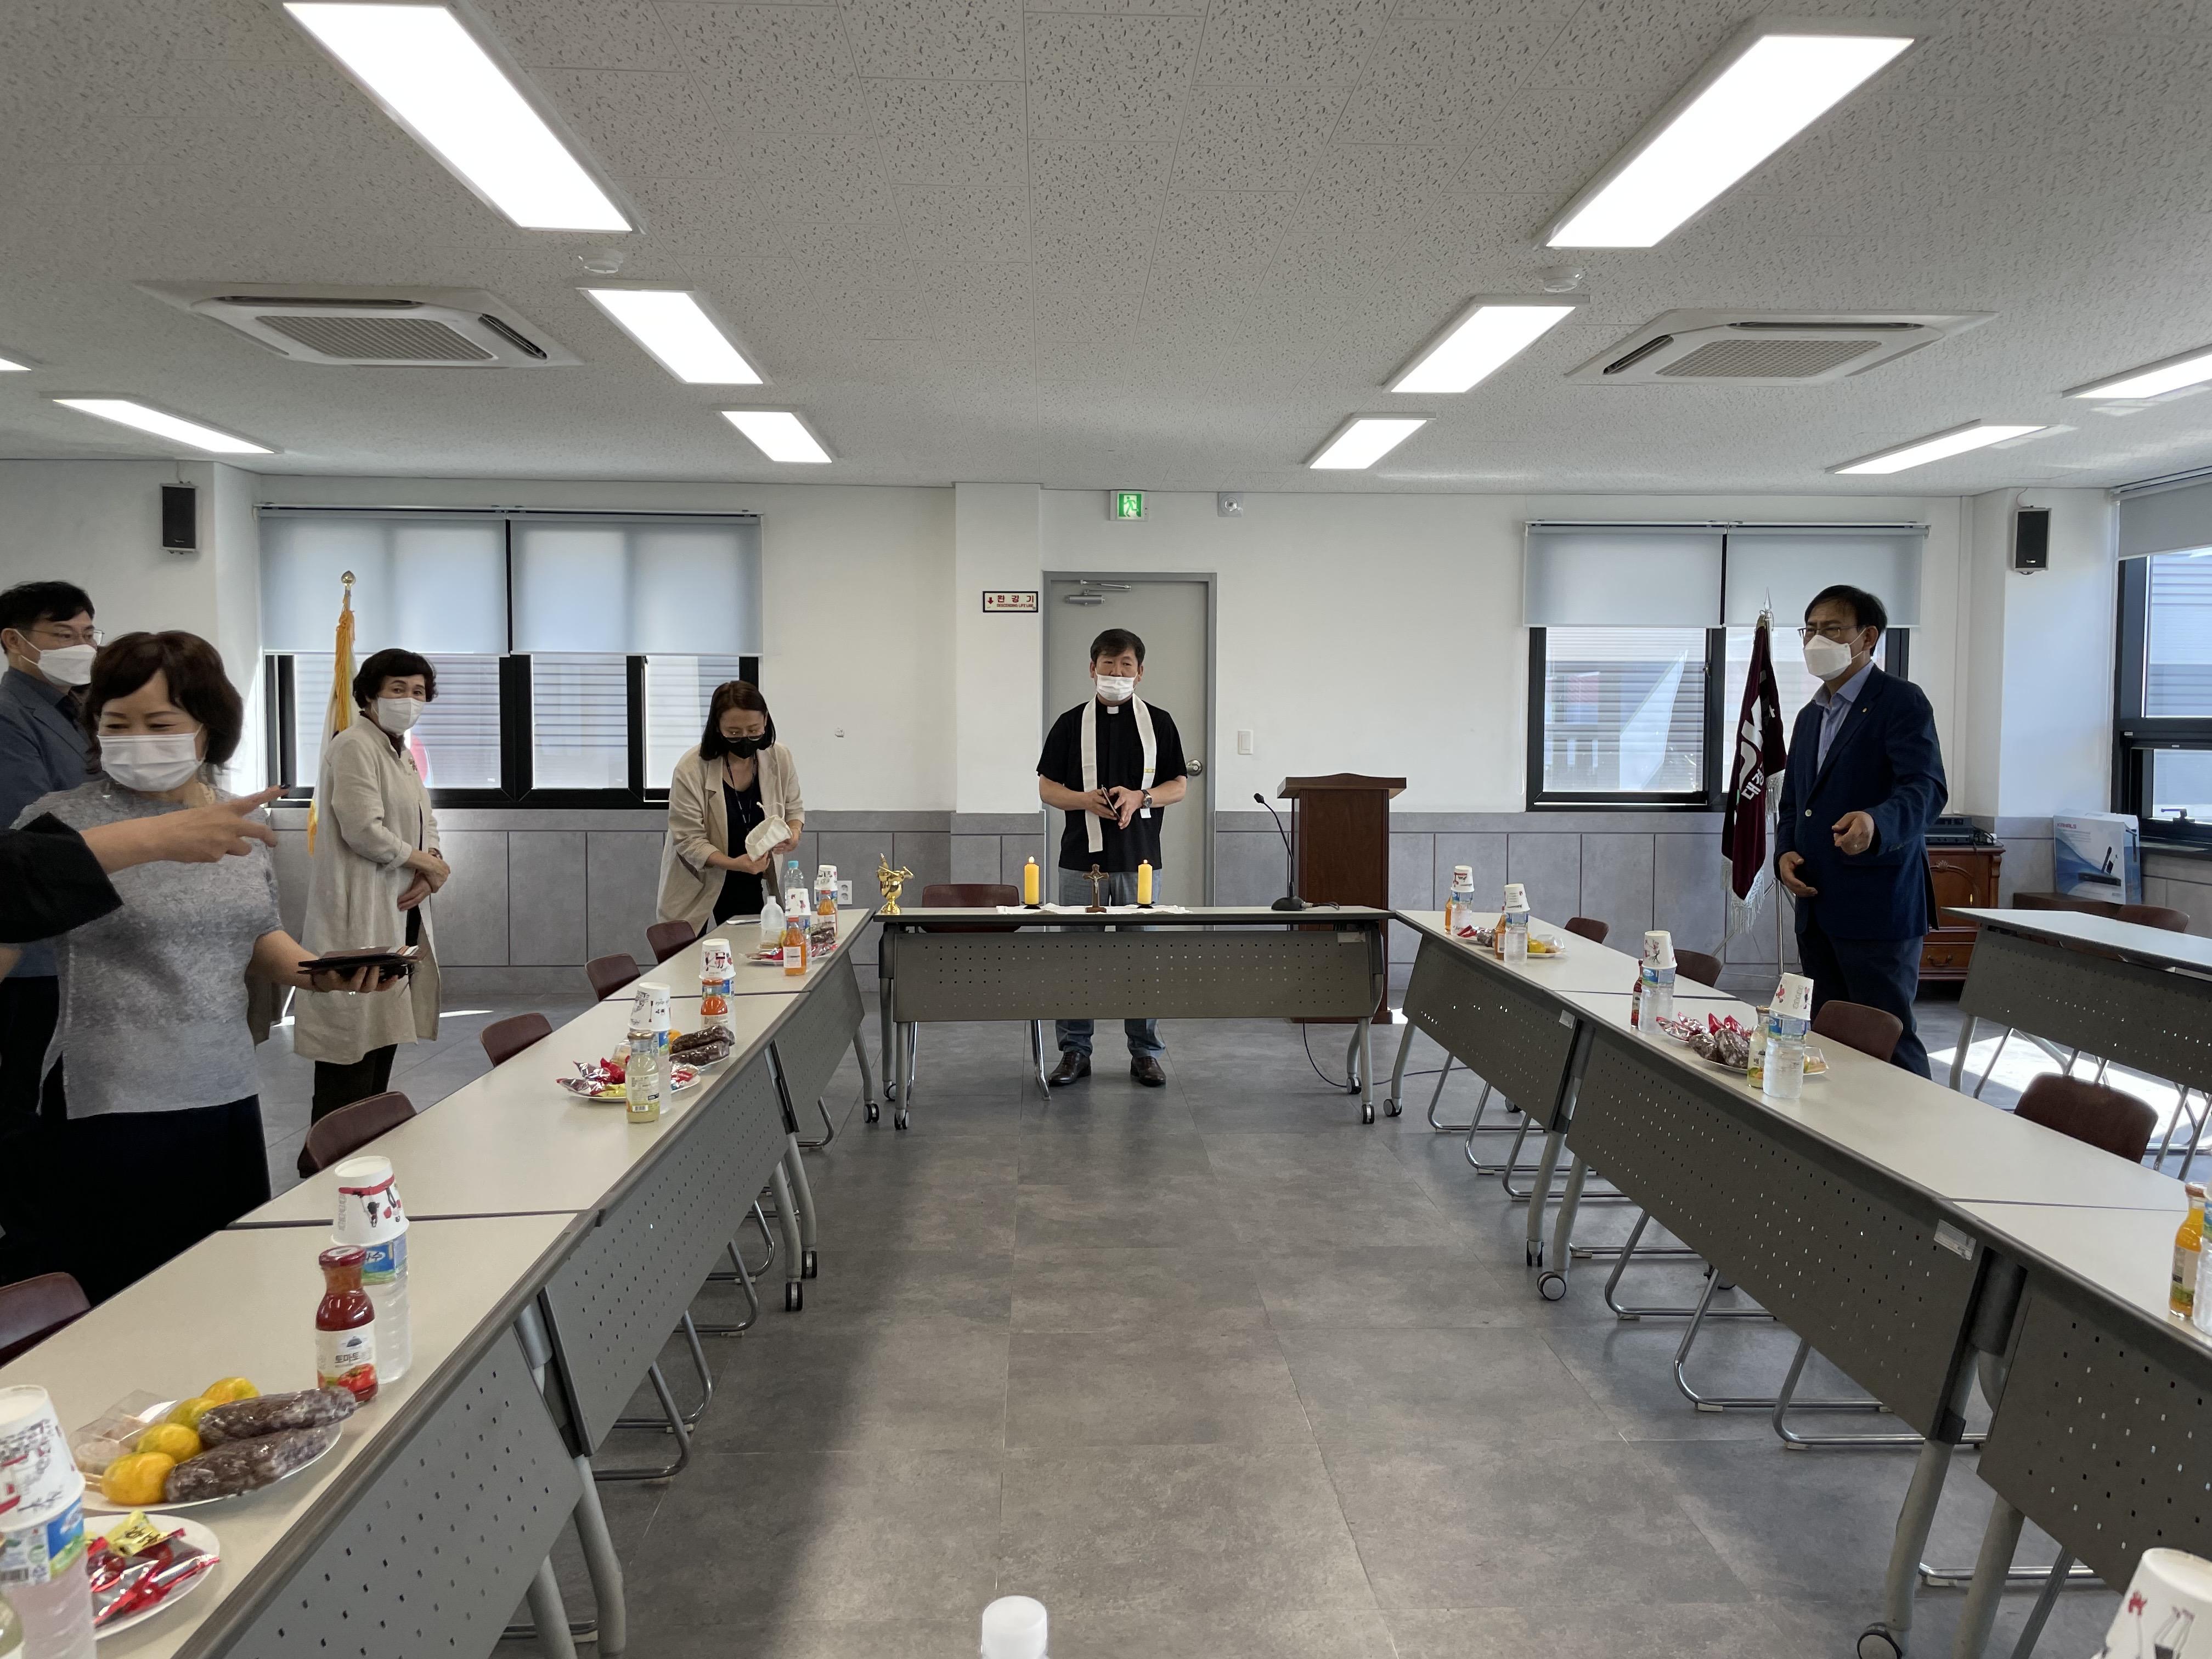 2021-10-01 교우사업장 축복식(대경기업) (1).jpg